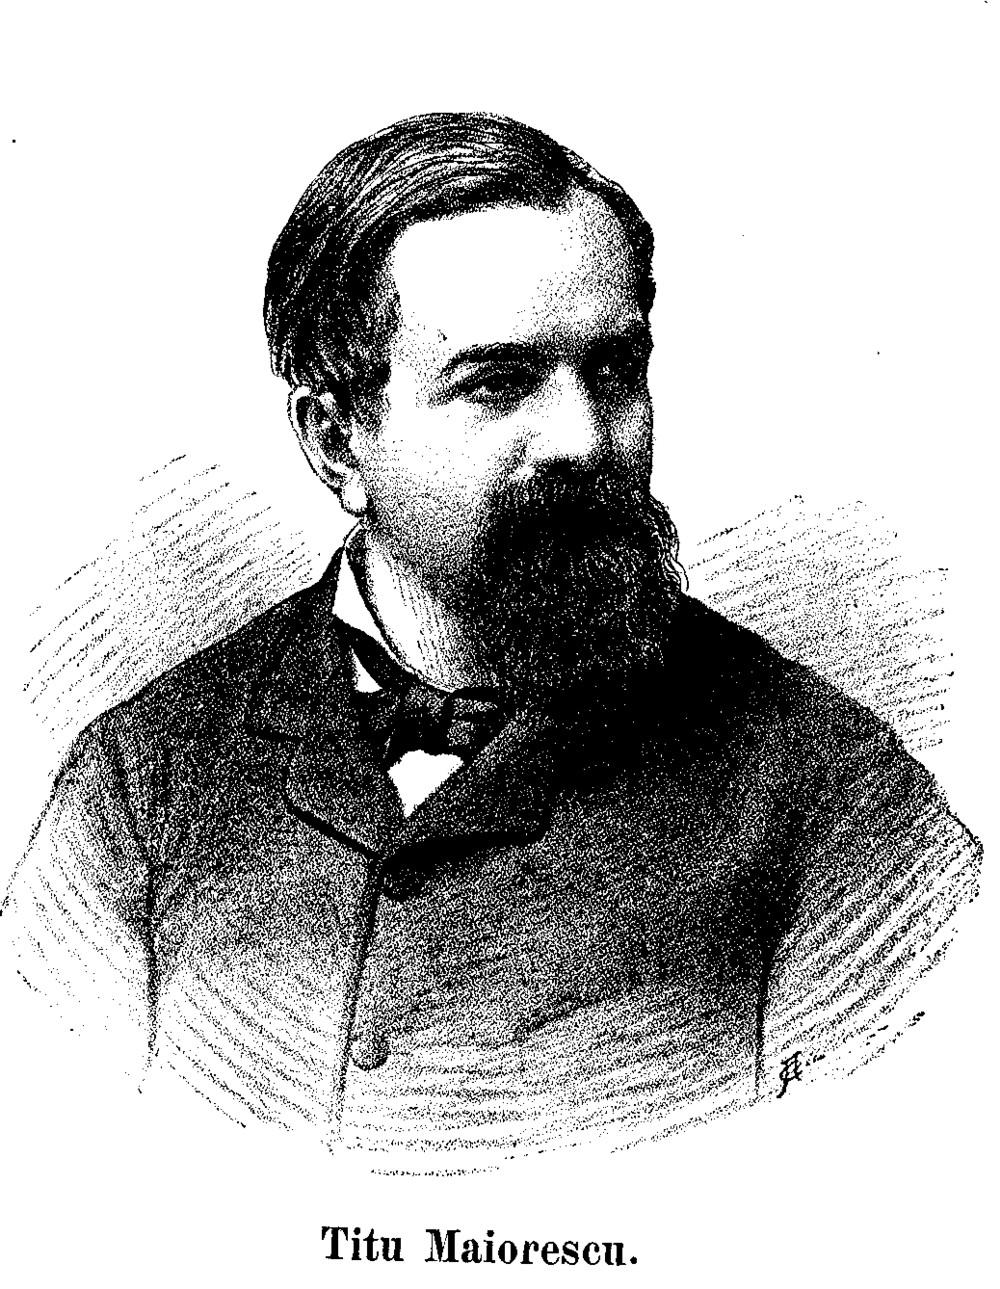 Maiorescu Titu 1883_019_20-1